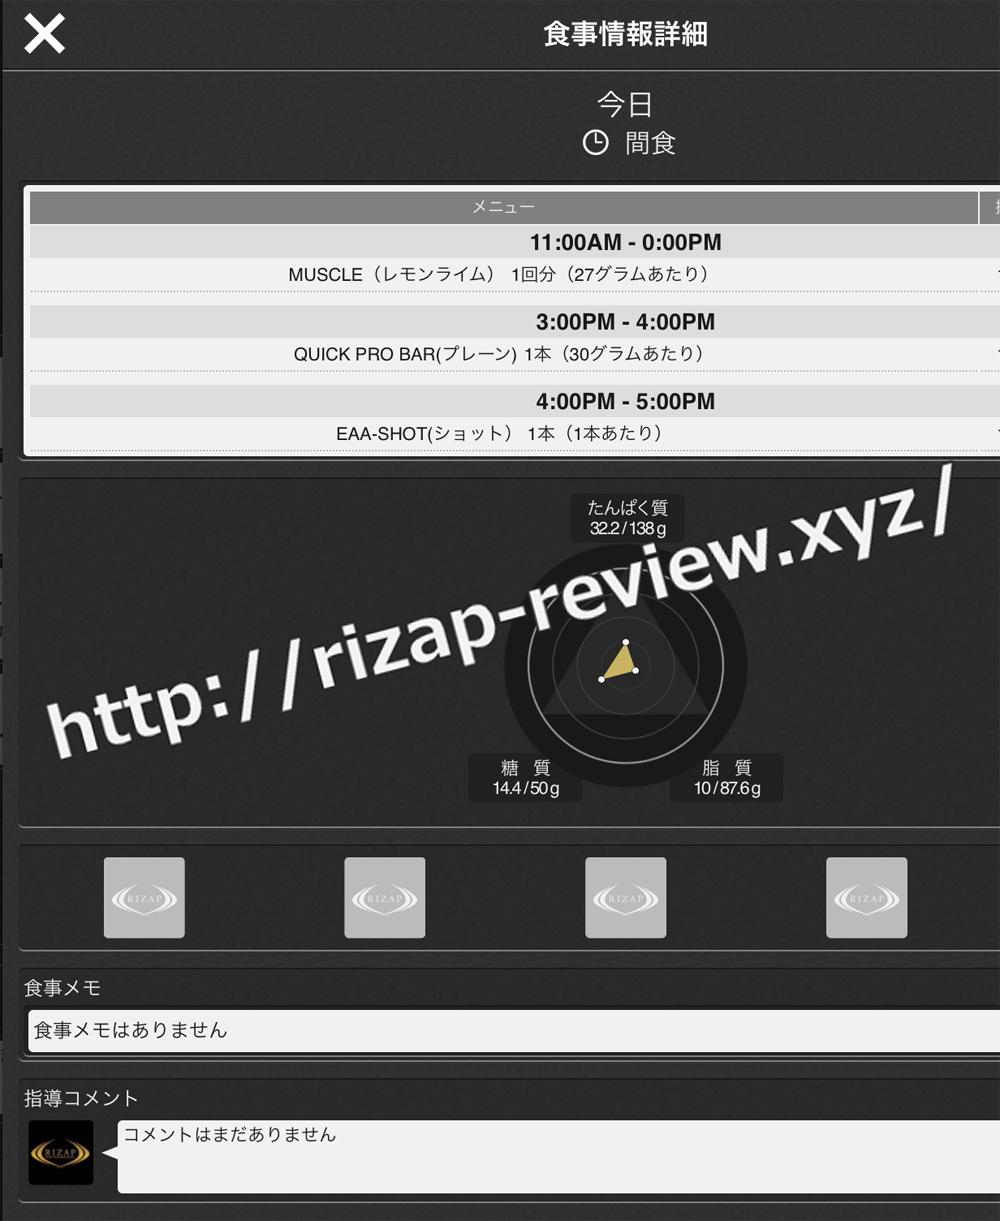 2018.10.6(土)ライザップ流の間食